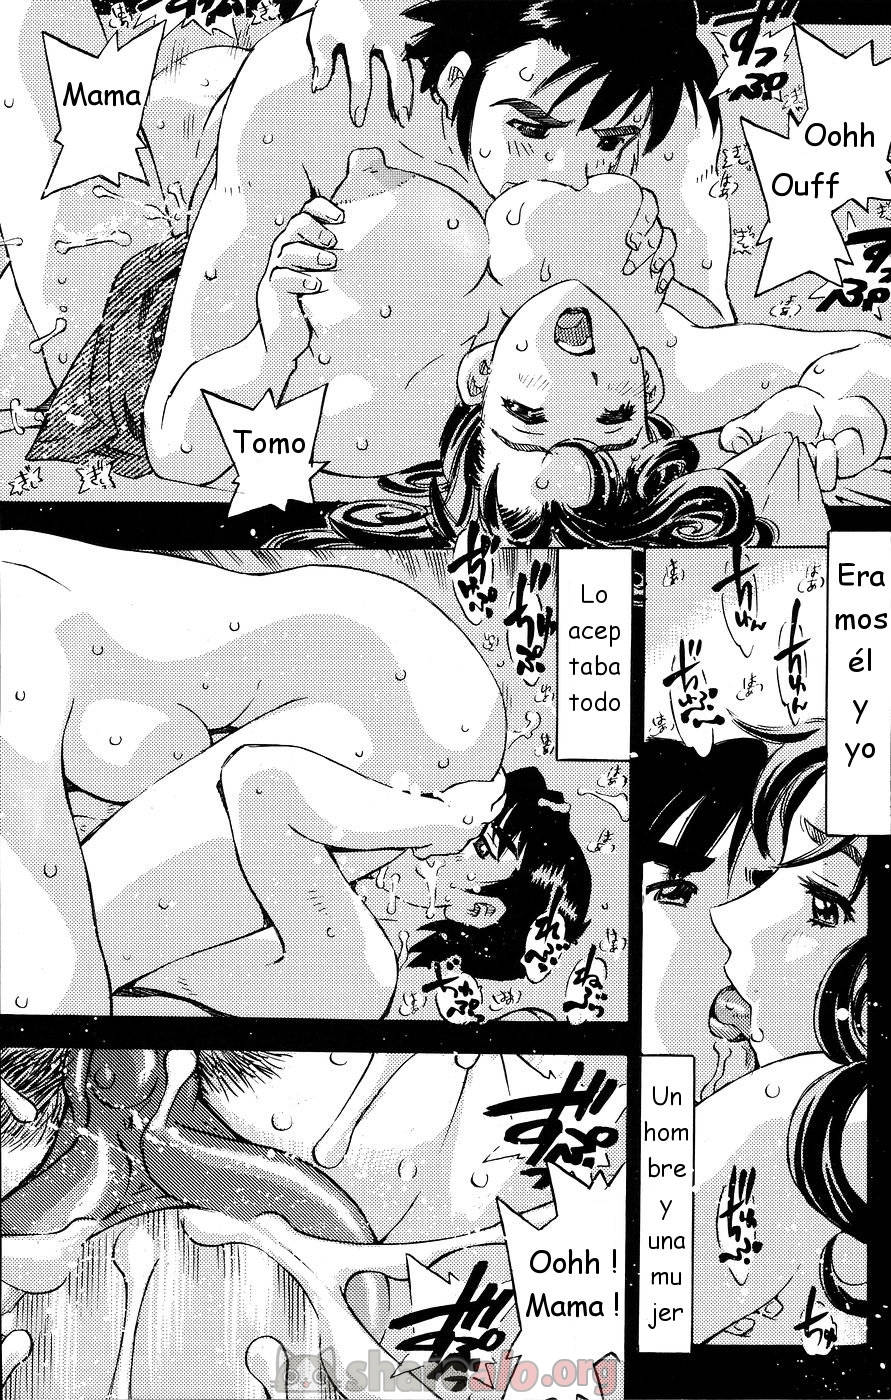 [ Inshoku no Kizuna Manga Hentai ]: Comics Porno Manga Hentai [ xkjYp2wG ]